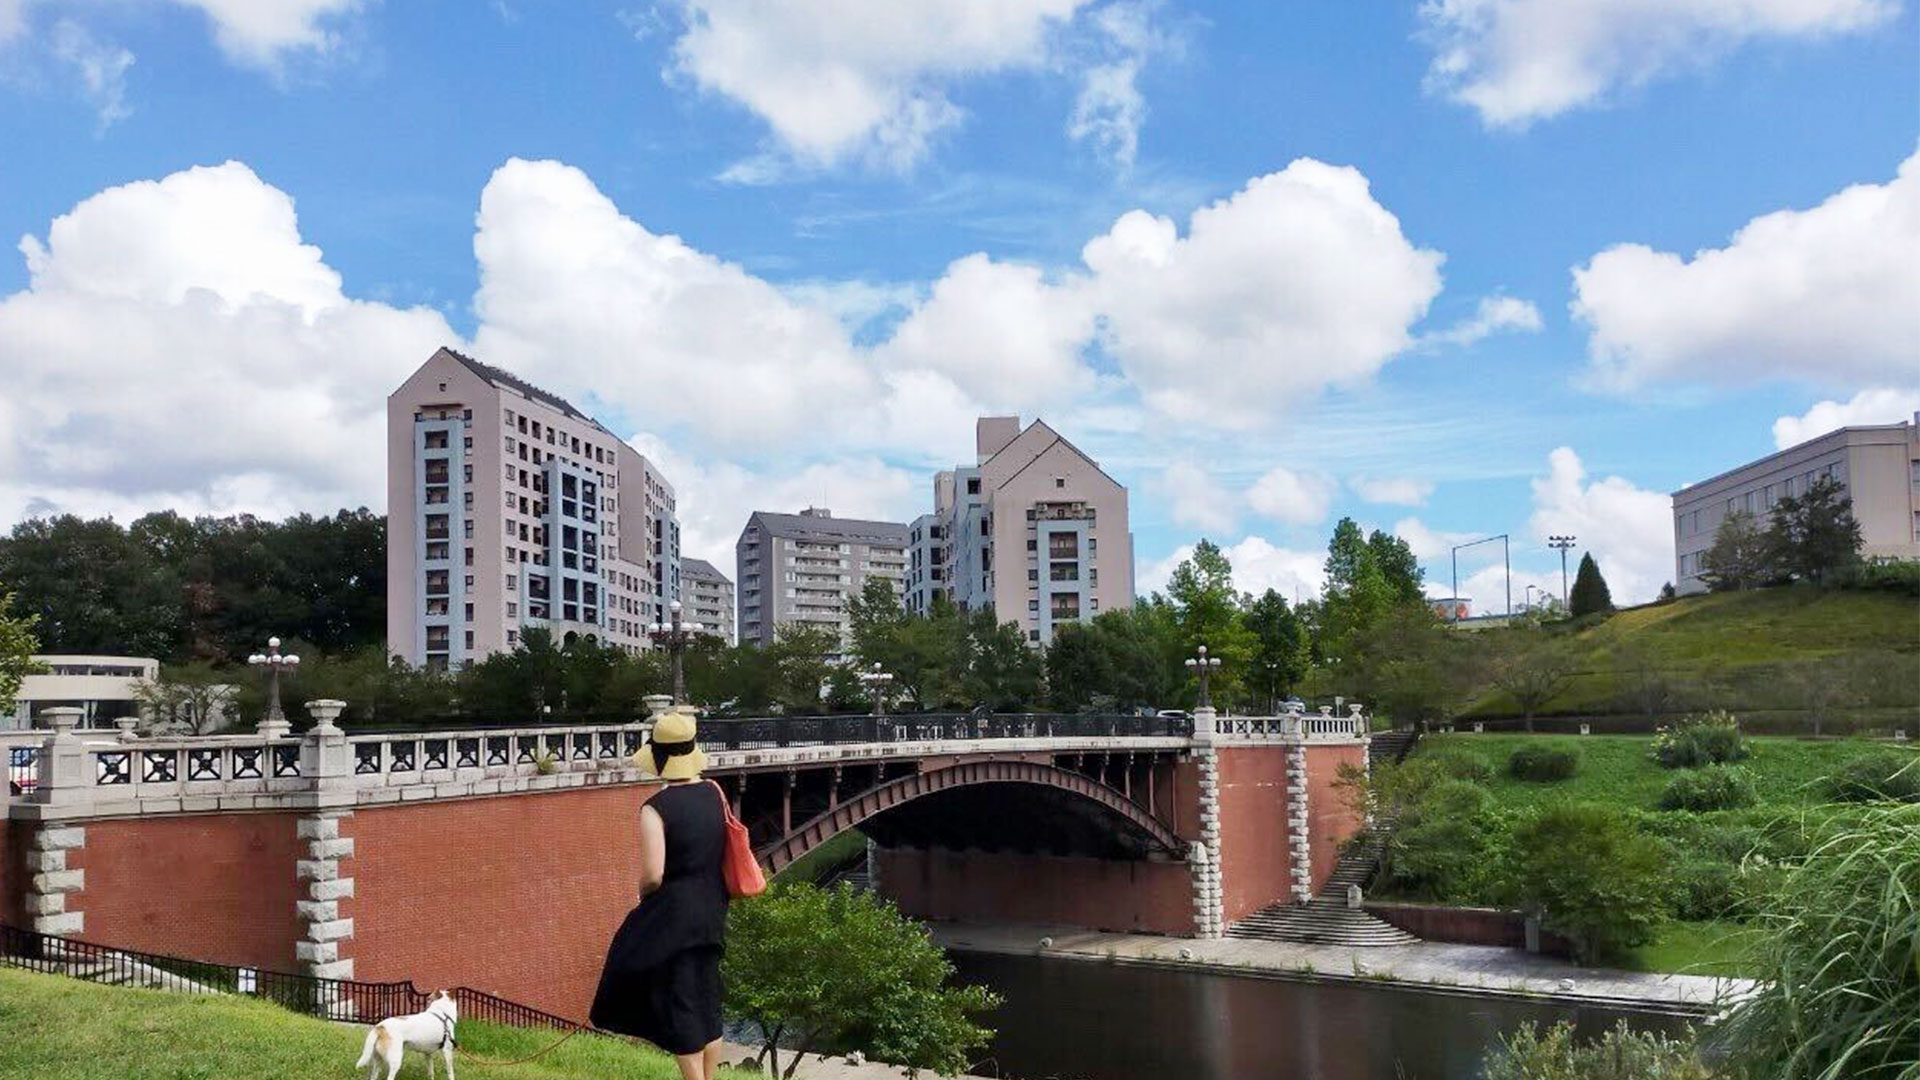 多摩ニュータウン 都内最古の陸橋 長池見附橋がある理由